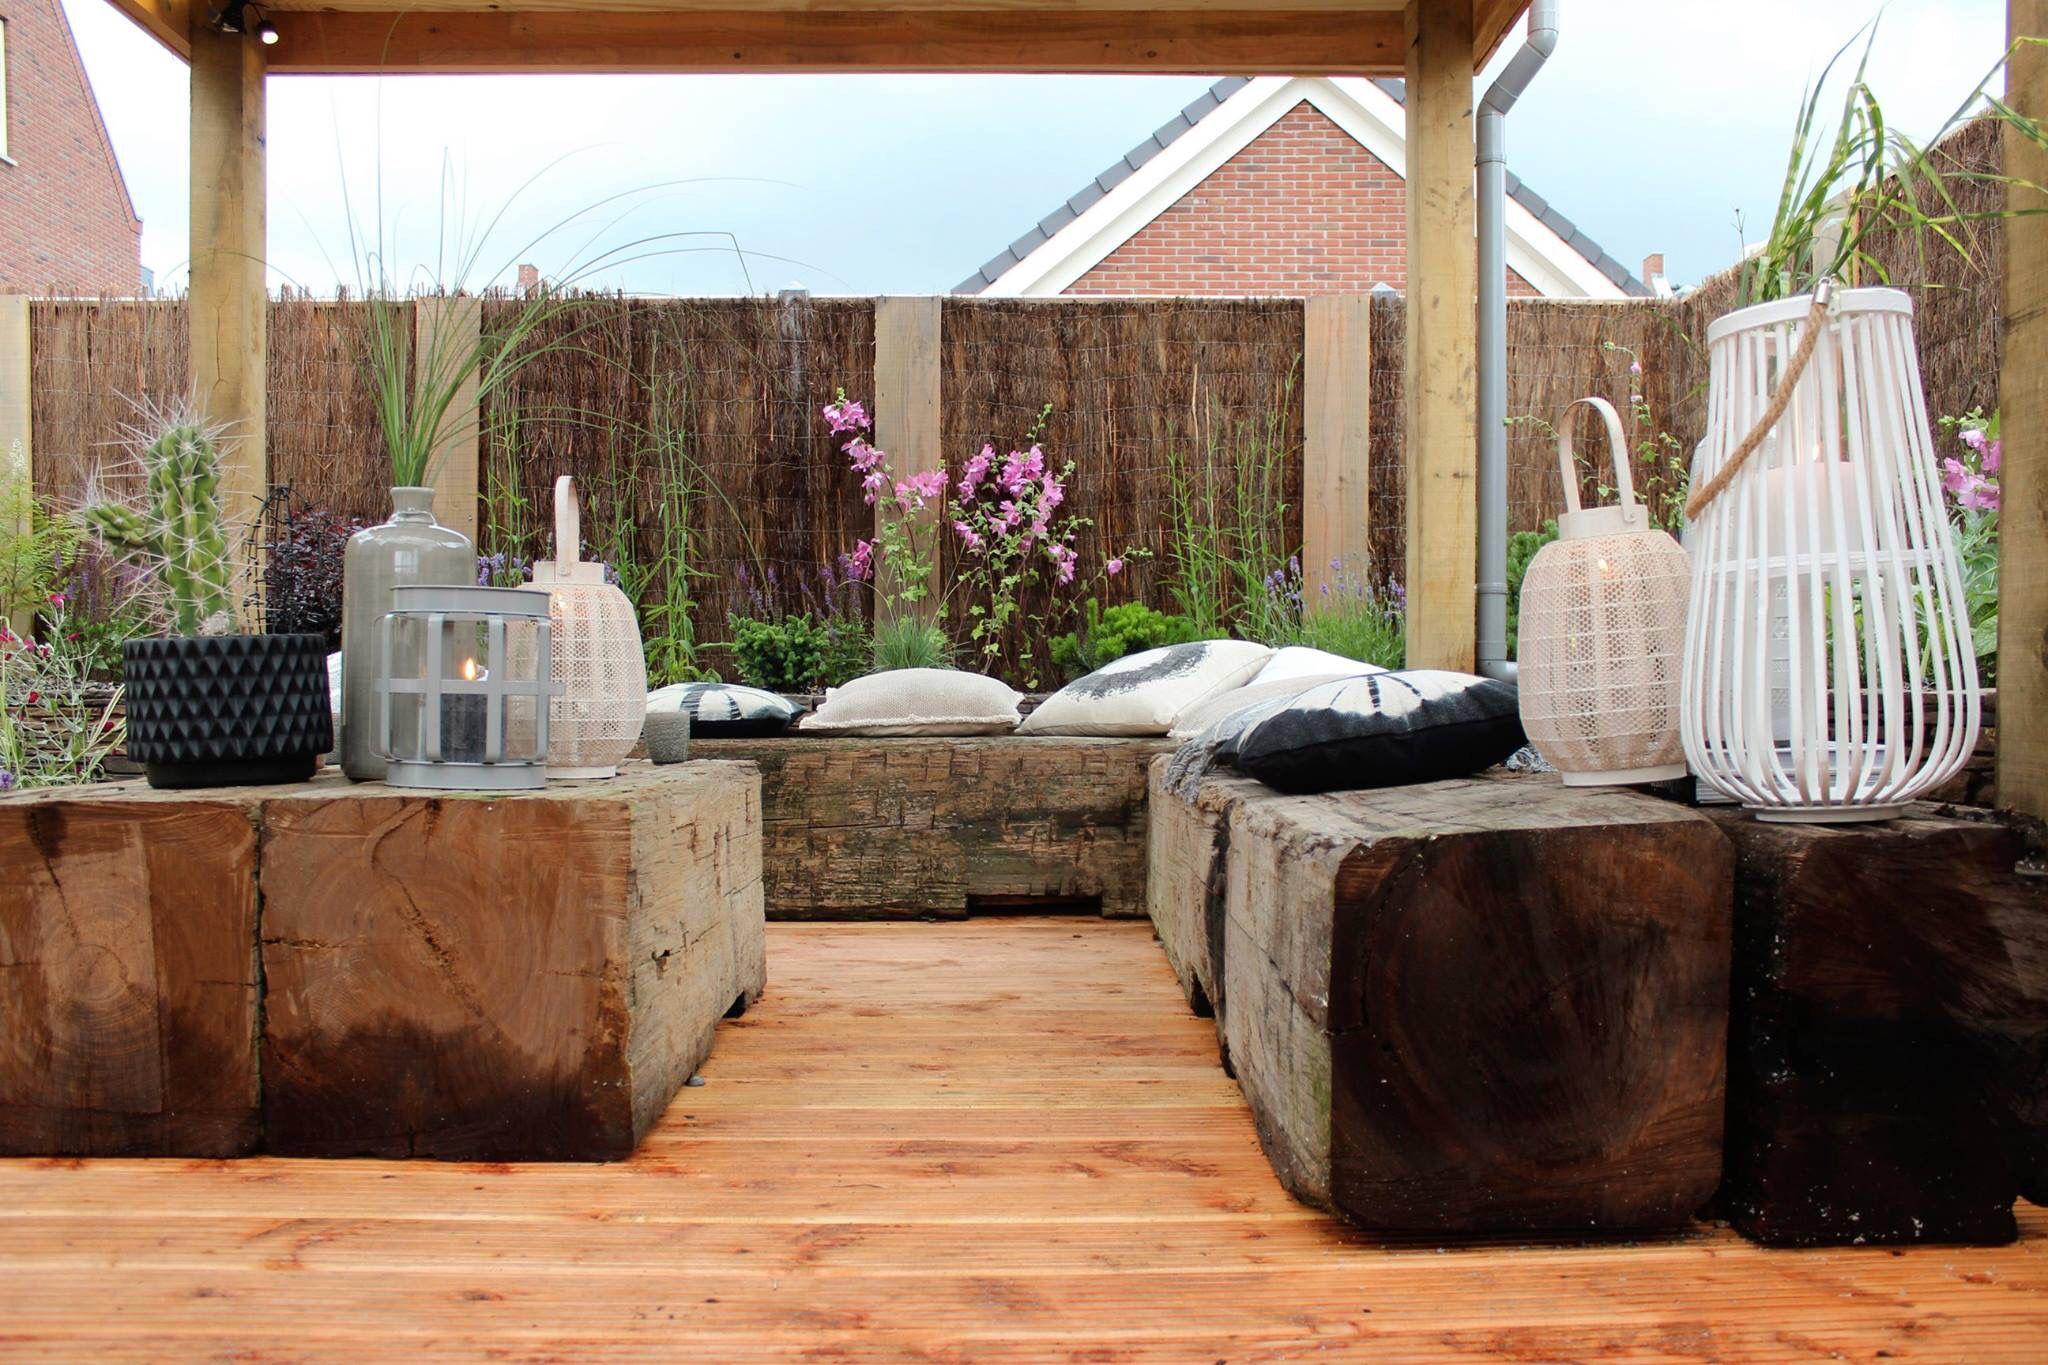 Eigen huis en tuin bielzen bank tuin idee n pinterest for Opklapbed eigen huis en tuin